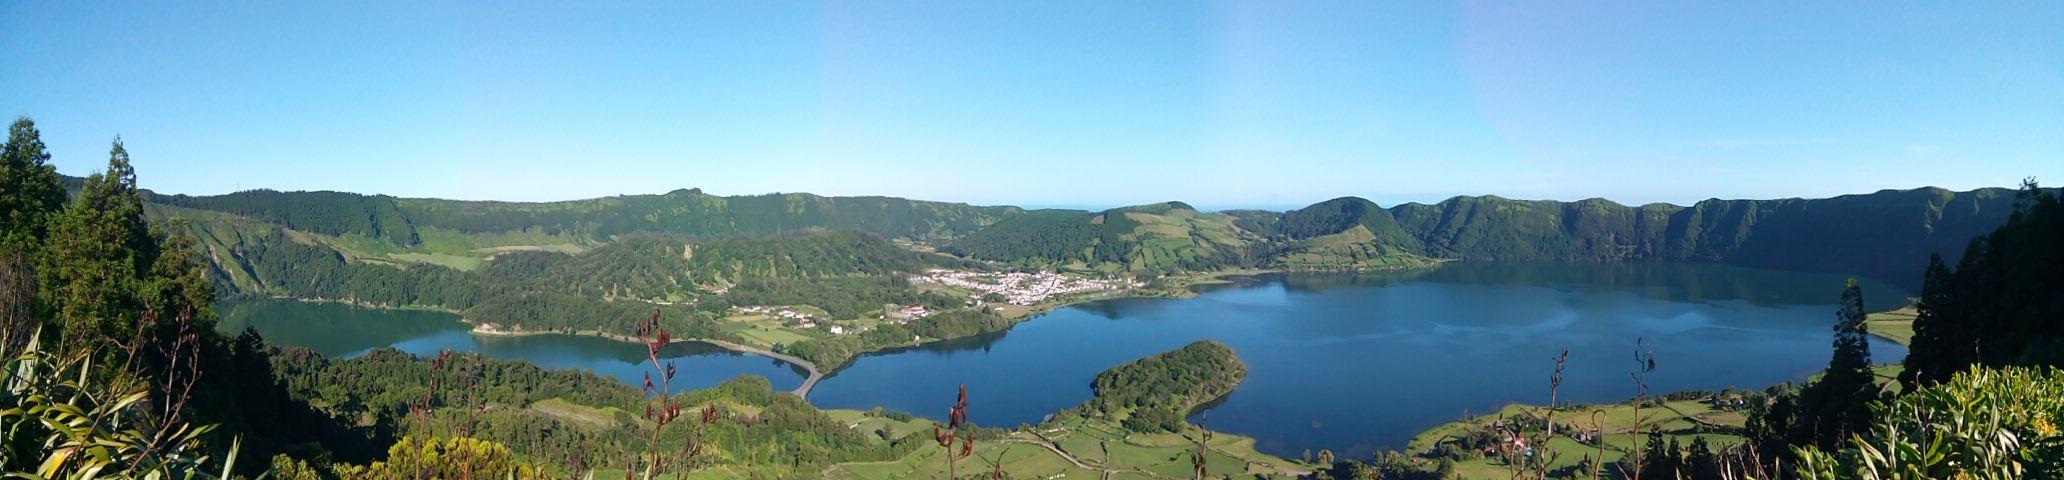 SETE CIUDADES | Andoni Garai (Oñati). Azores.